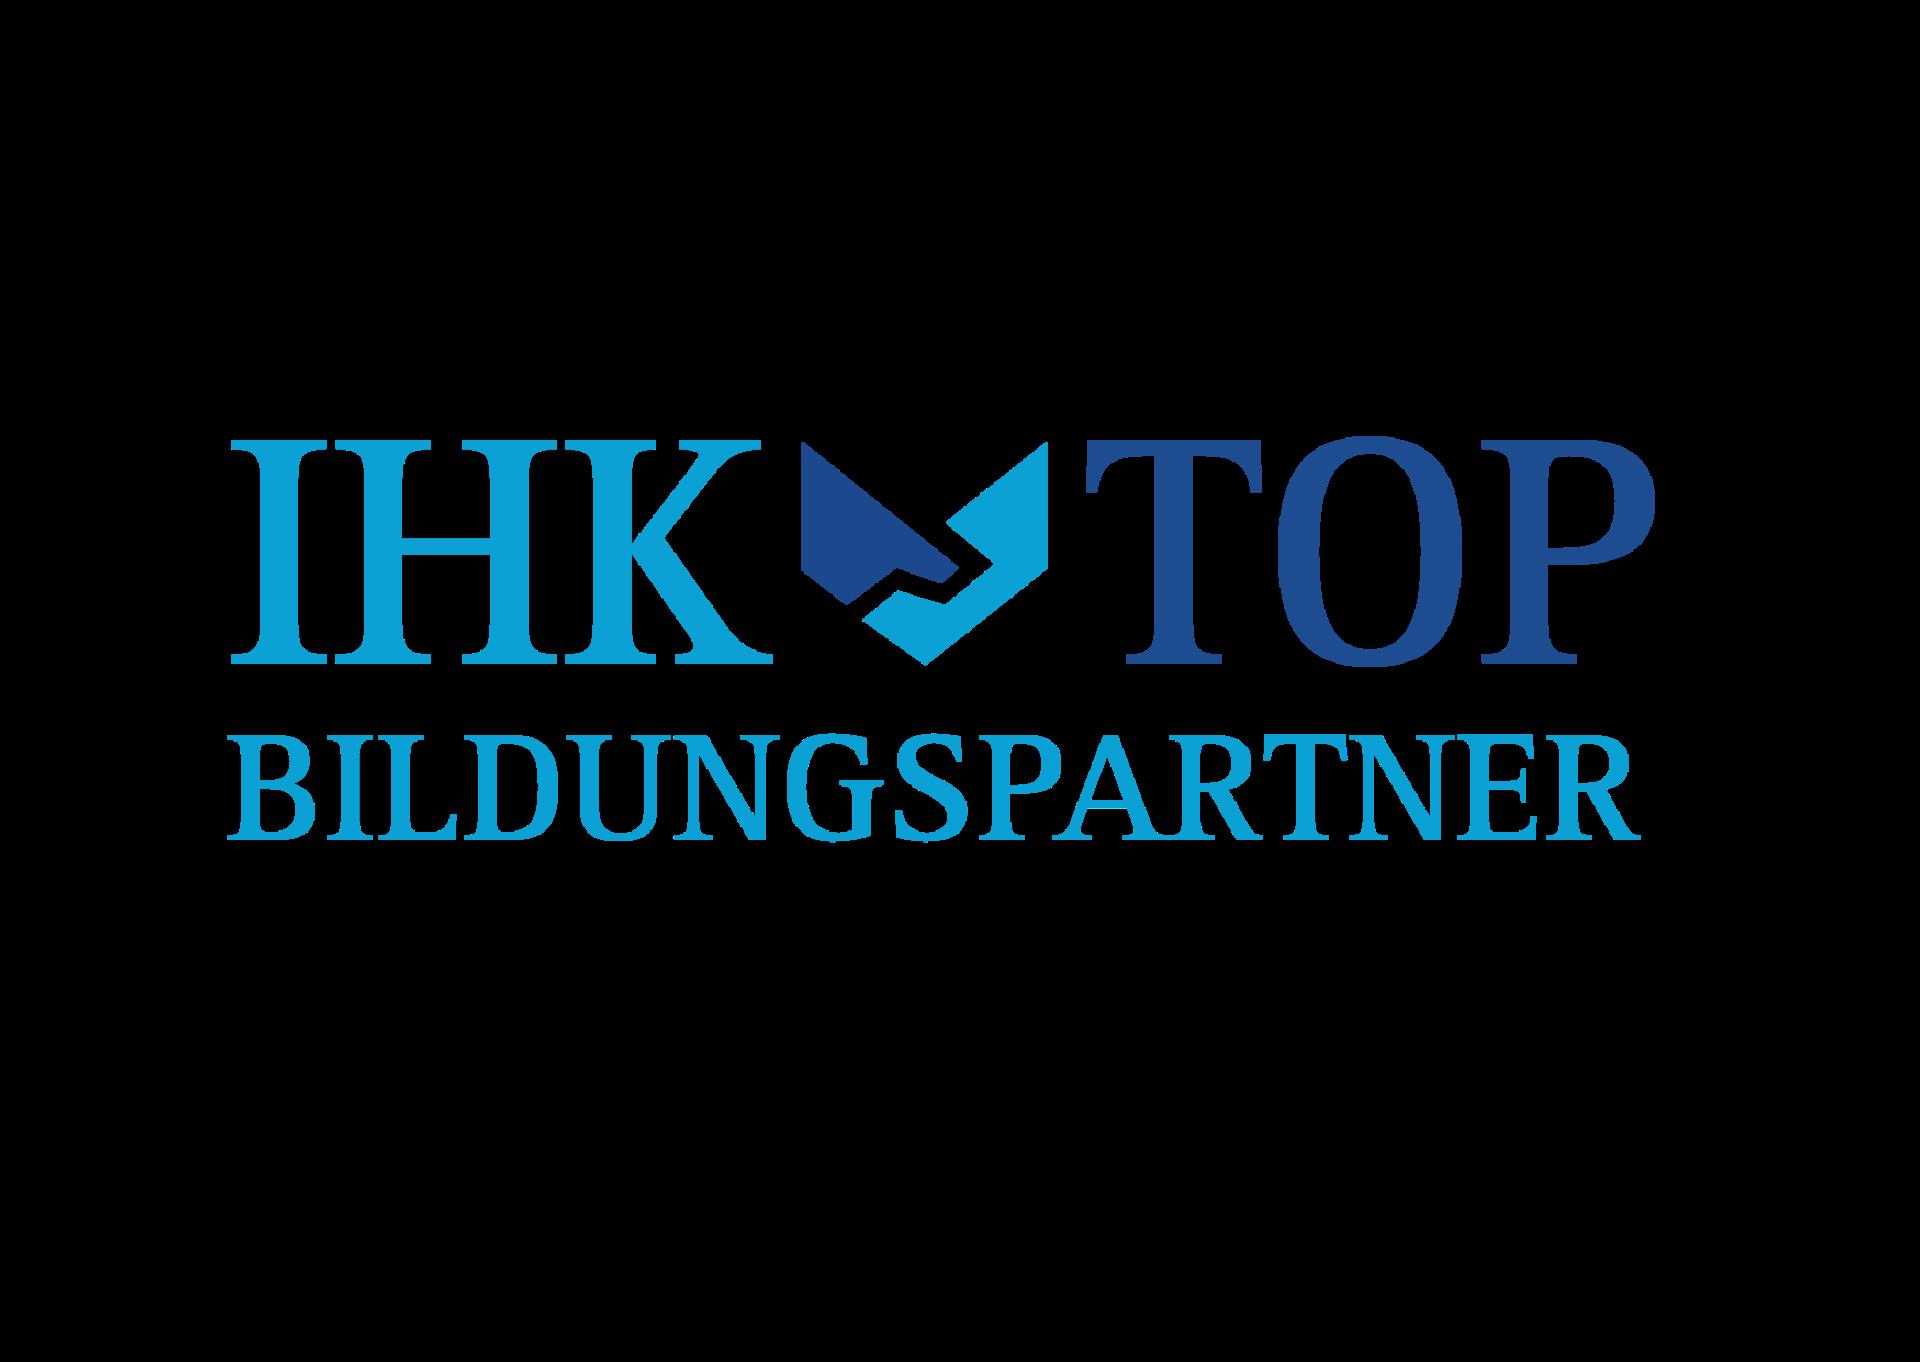 Bildungspartnerschaften Ihk München